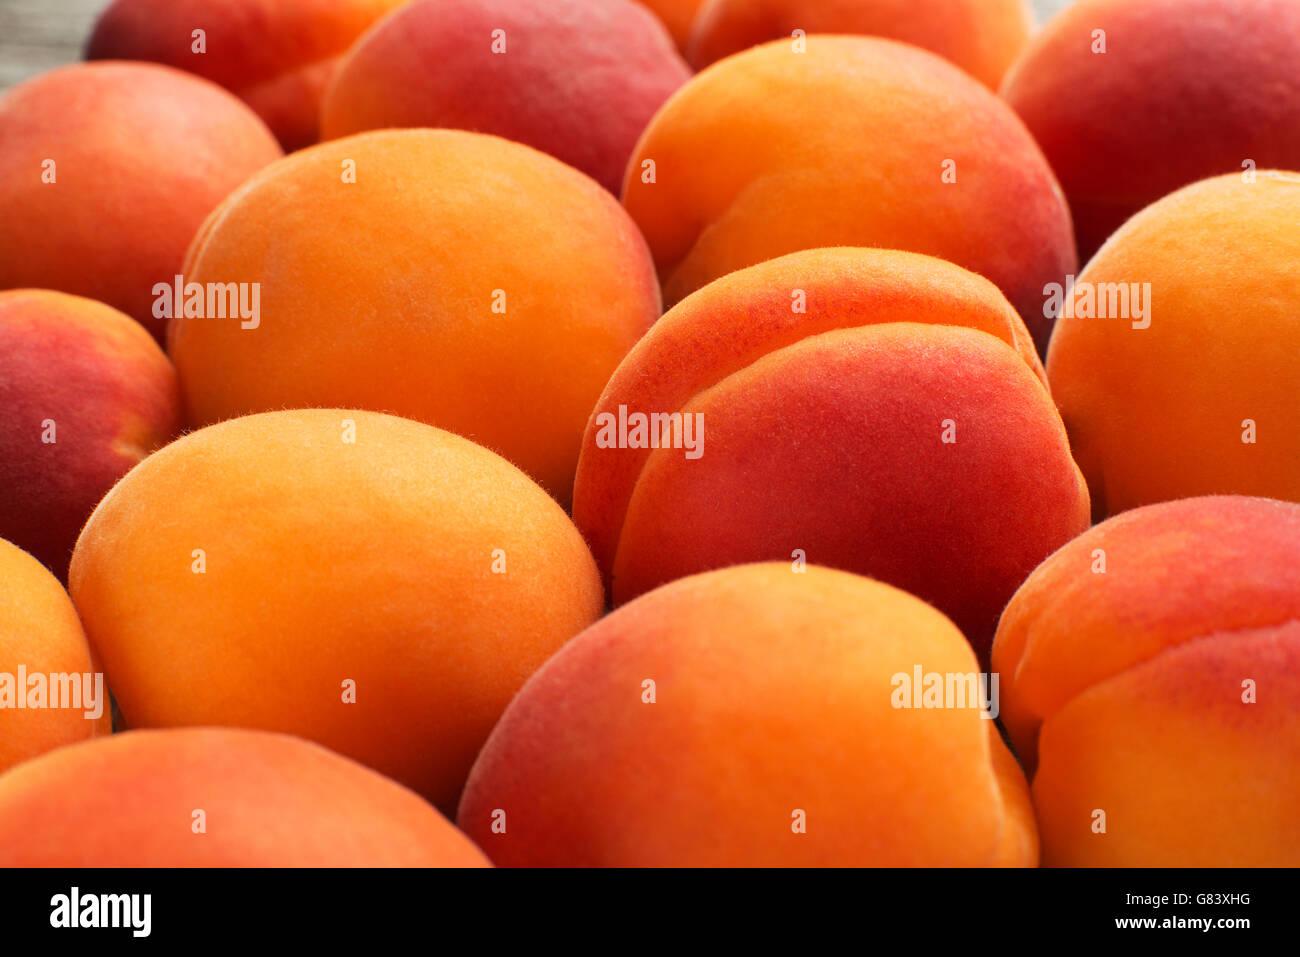 Fresca frutta albicocca background close up Immagini Stock